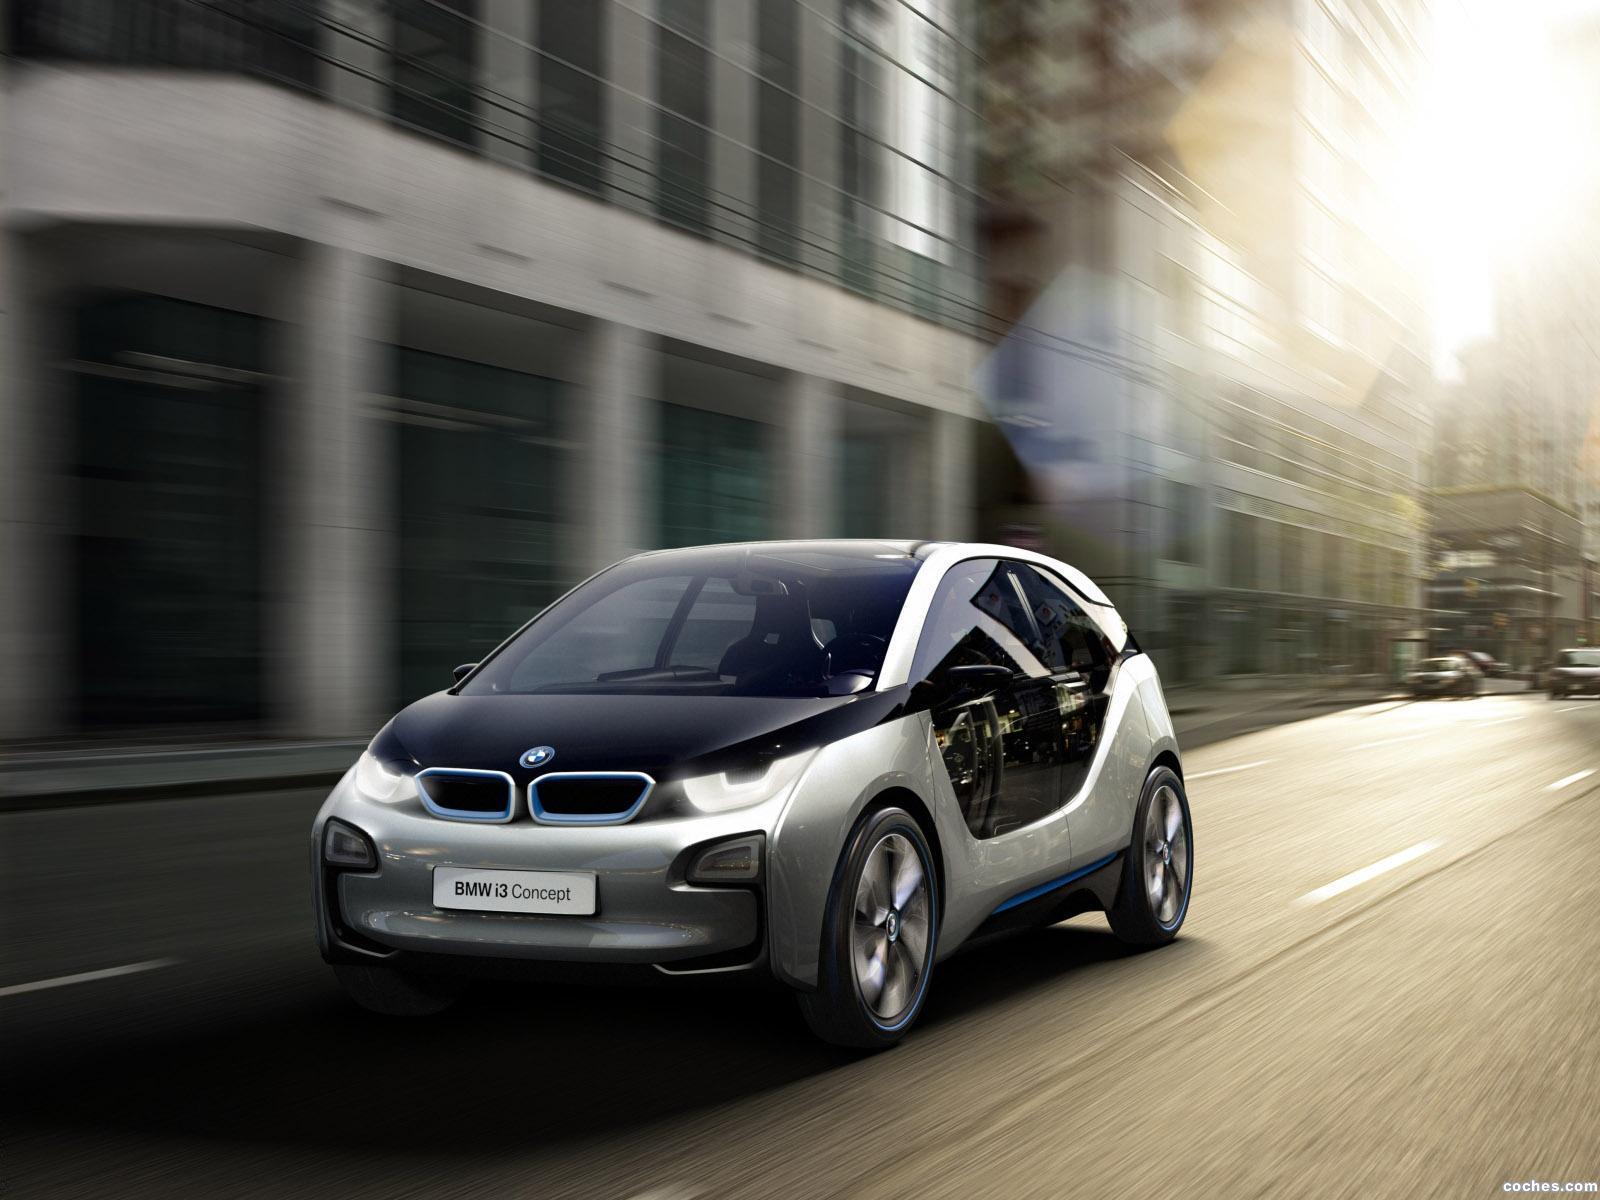 Foto 8 de BMW i3 Concept 2011